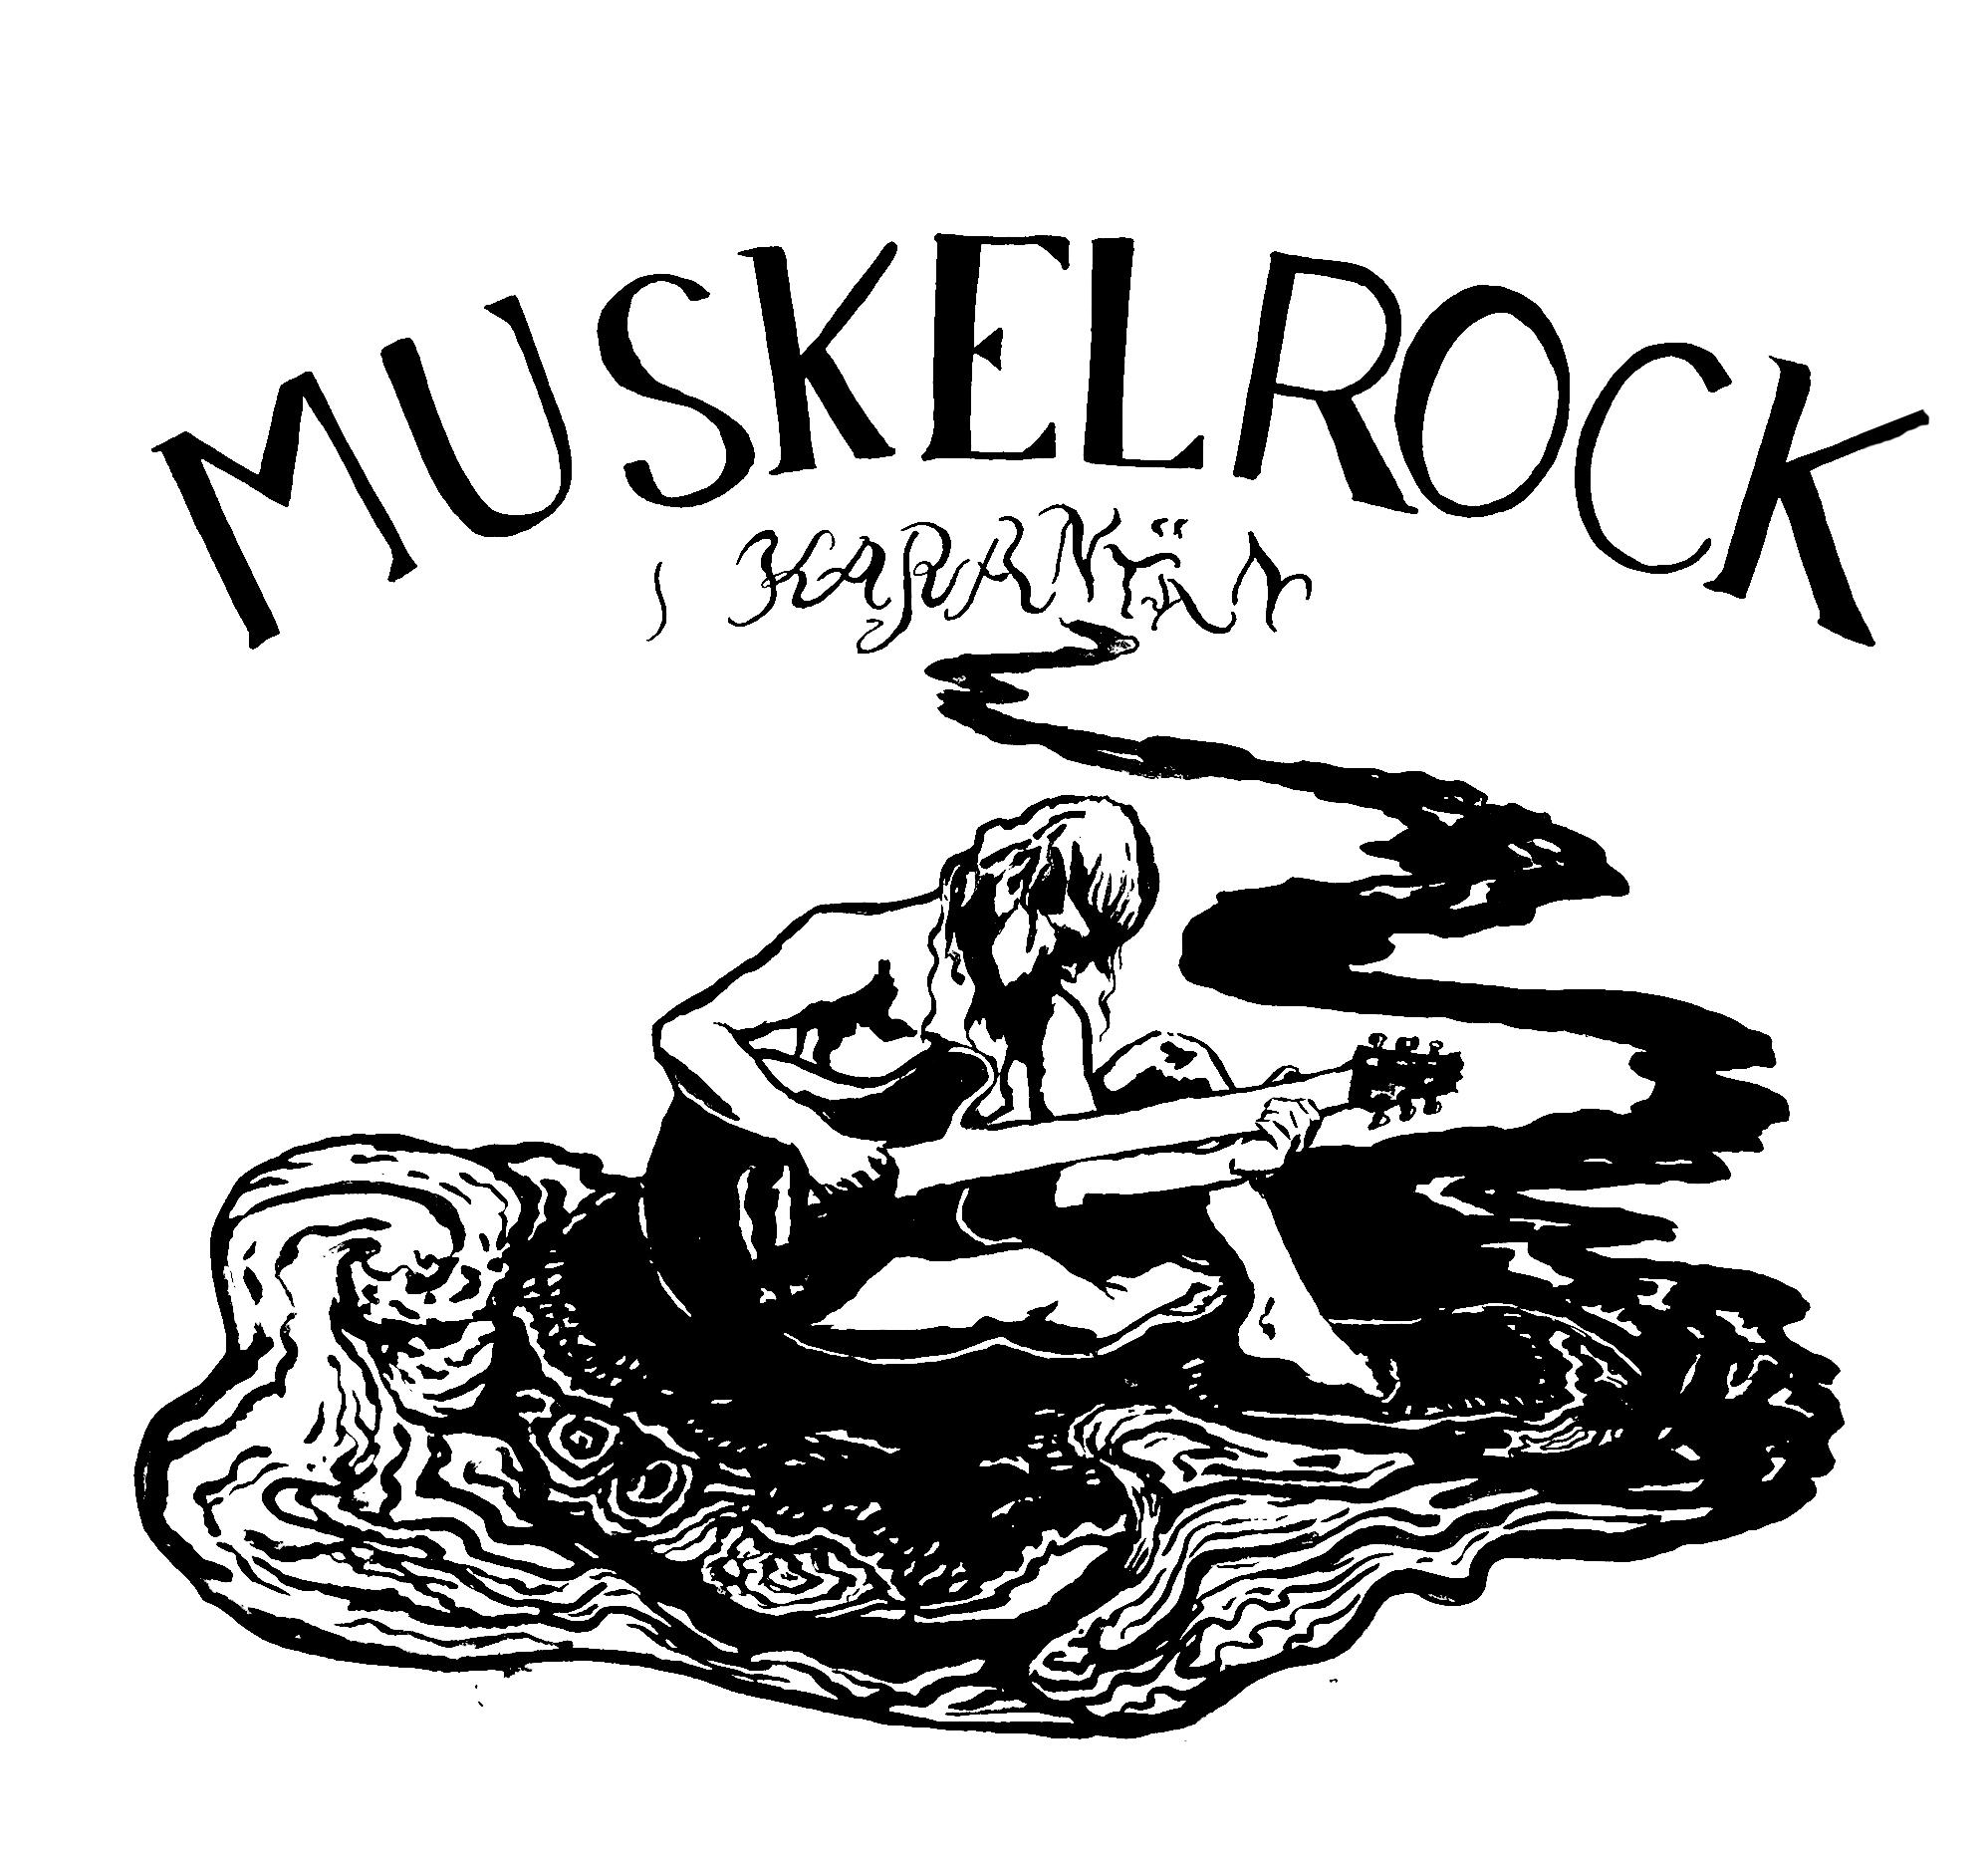 KarantänMuskelrock #2 Tygkasse/Tote Bag